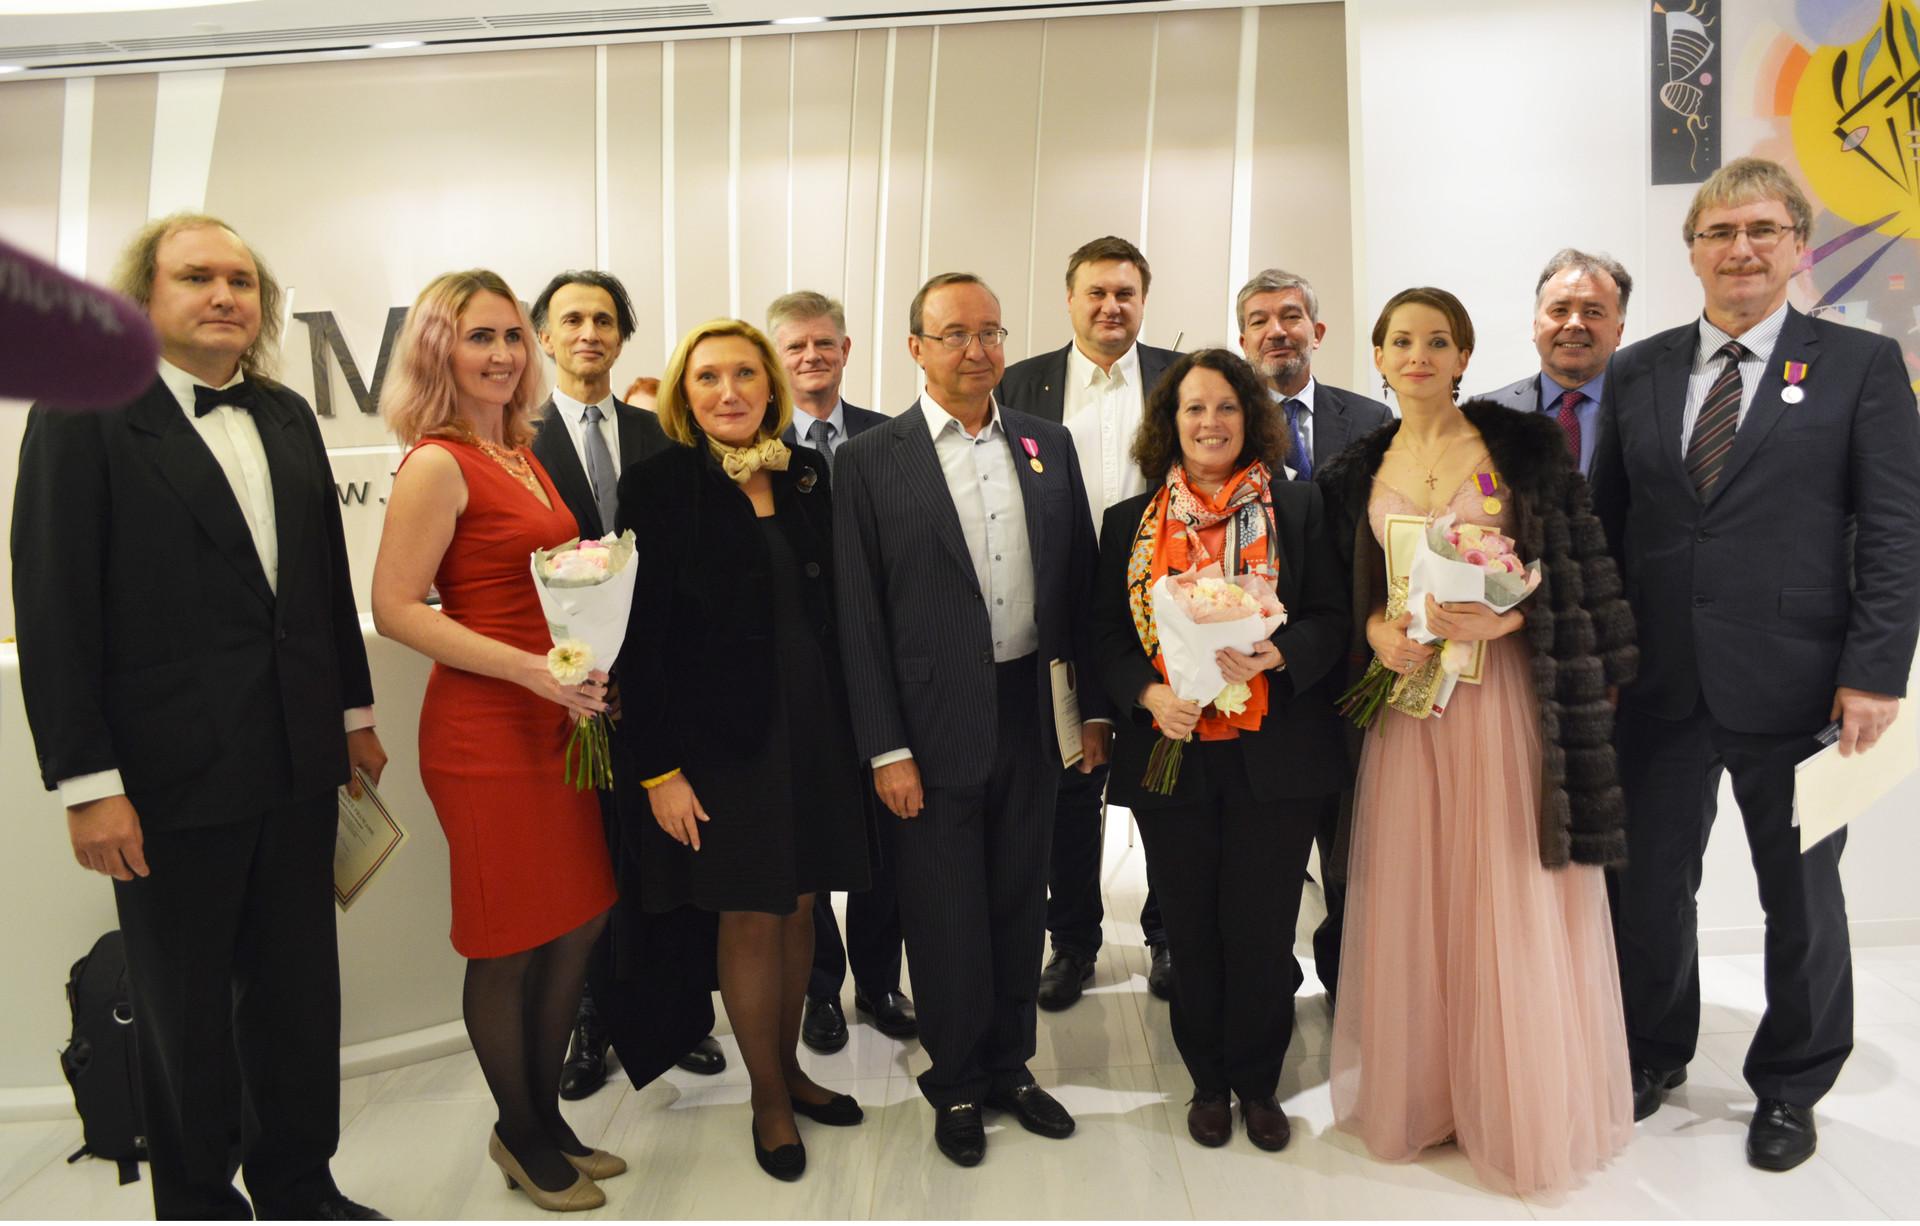 Madame l'ambassadeur Sylvie Bermann, Zoya Arrignon, présidente de la délégation de la Renaissance française, et maître Jean-François Marquaire, en compagnie de lauréats de l'édition 2018 et d'invités d'honneur.